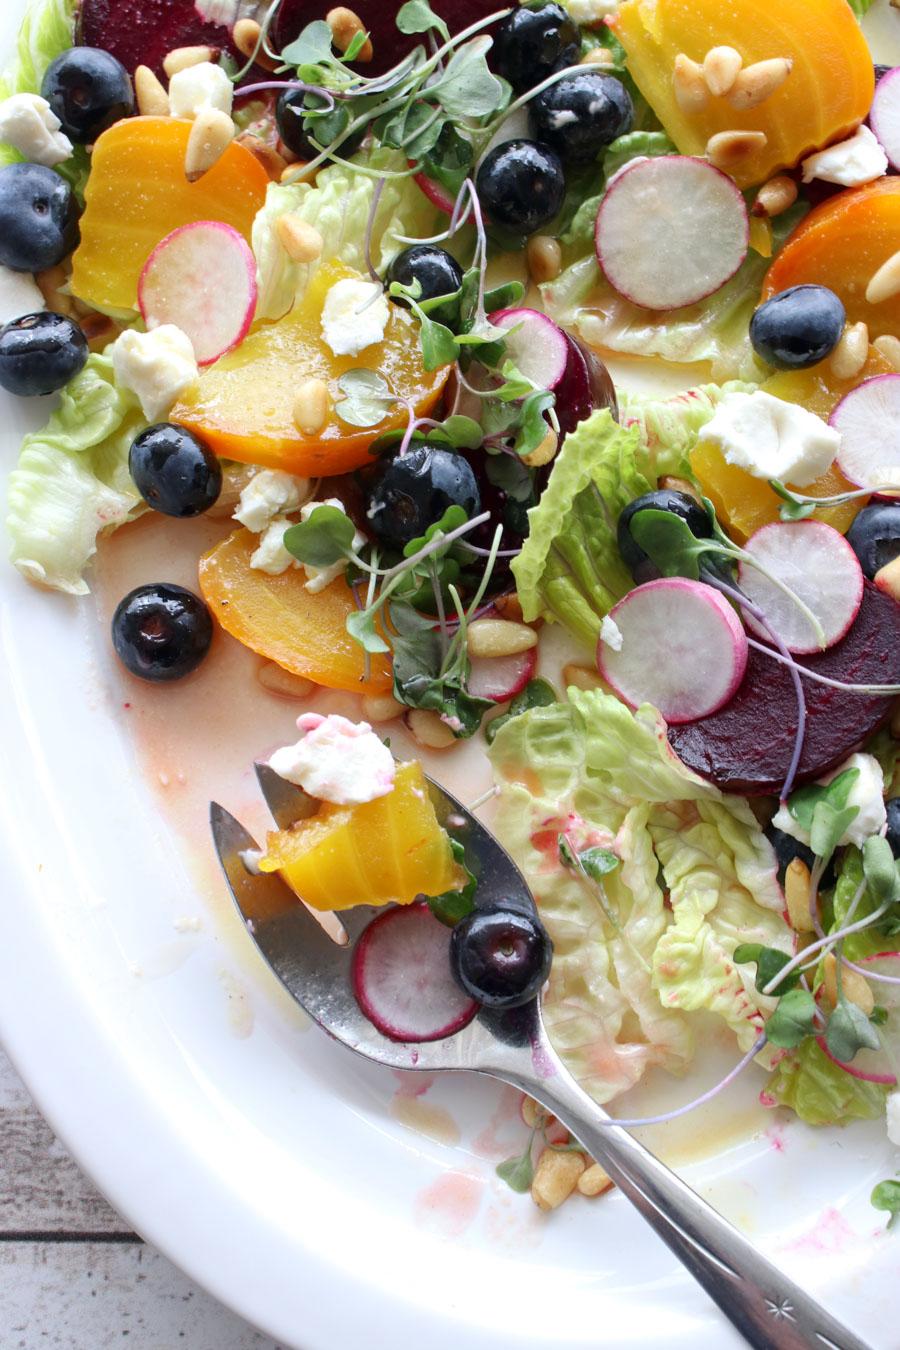 Beet salad on a serving platter